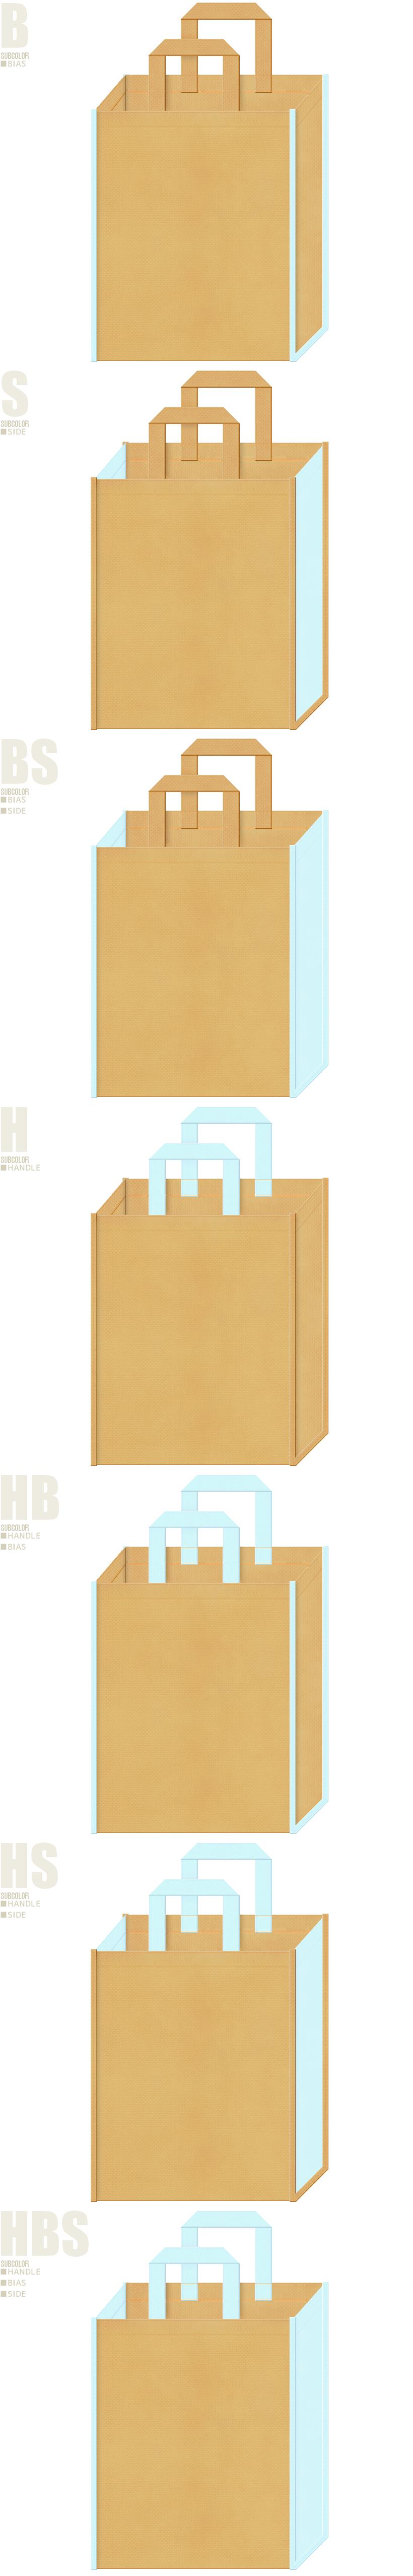 不織布バッグのデザイン:薄黄土色と水色の配色7パターン